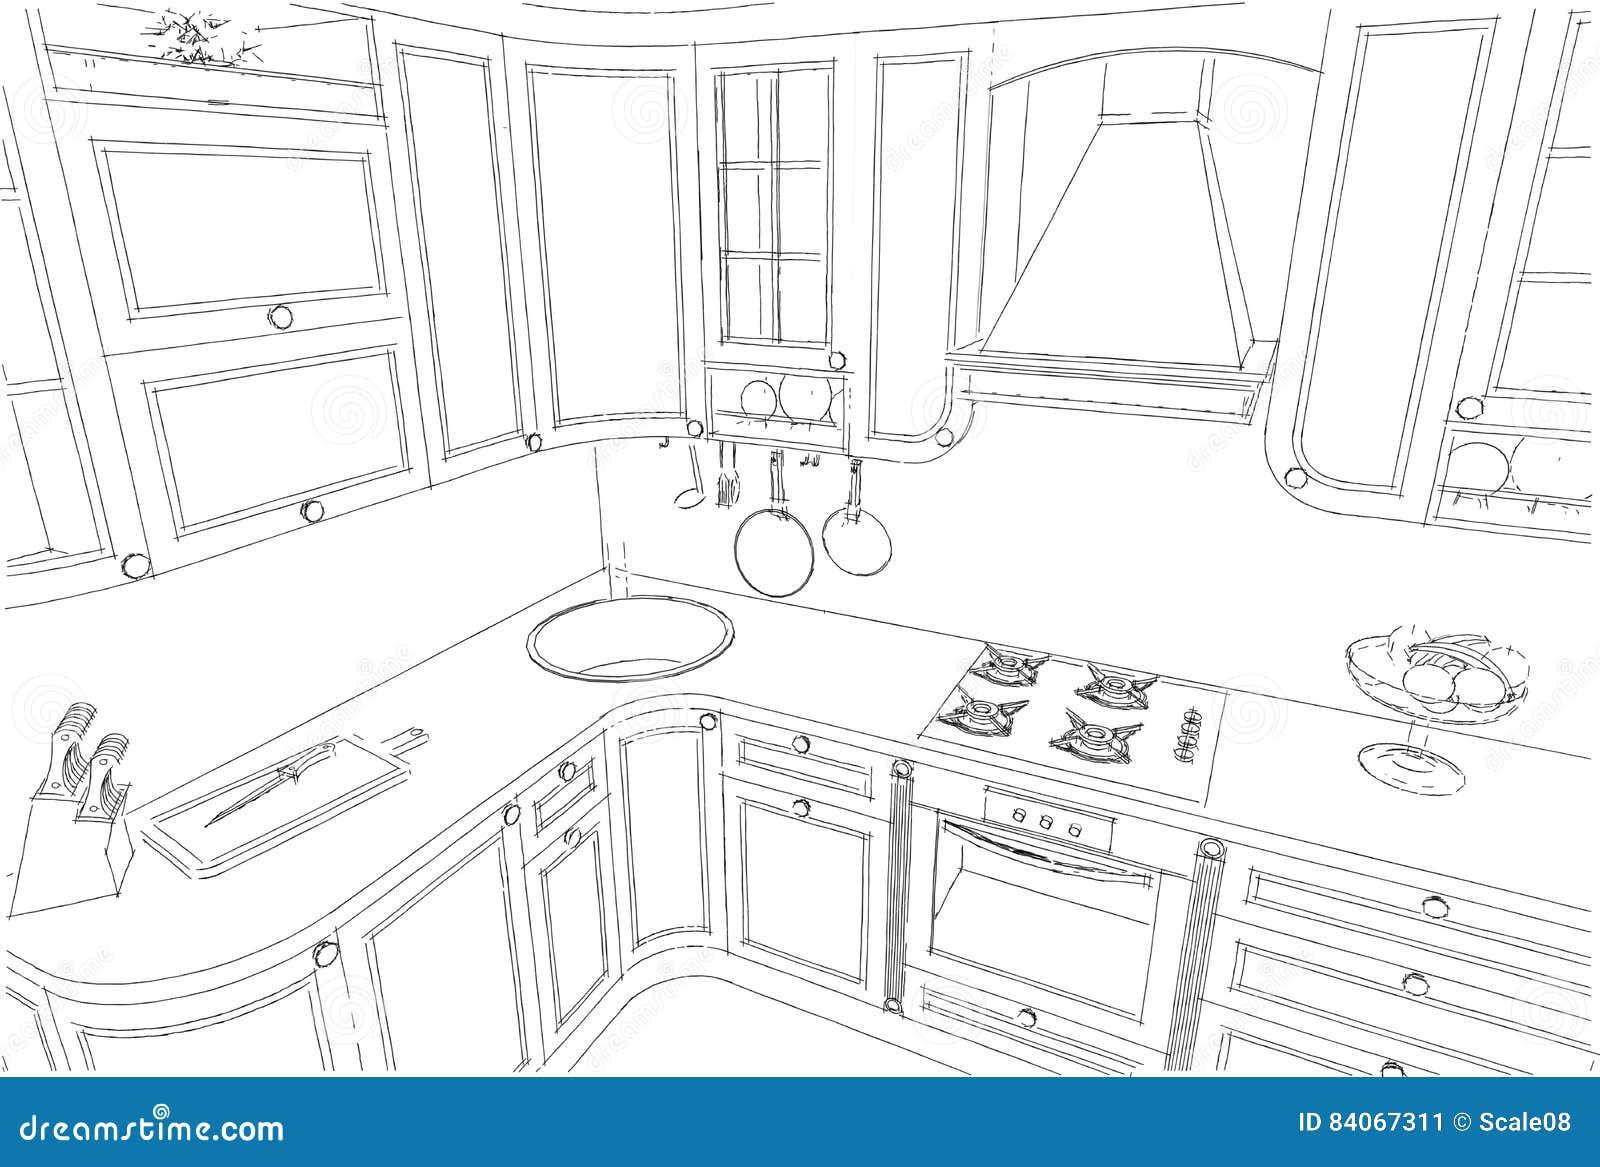 Disegno Cucina. Latest Disegnare Cucina Gallery Of Schizzo A Mano ...